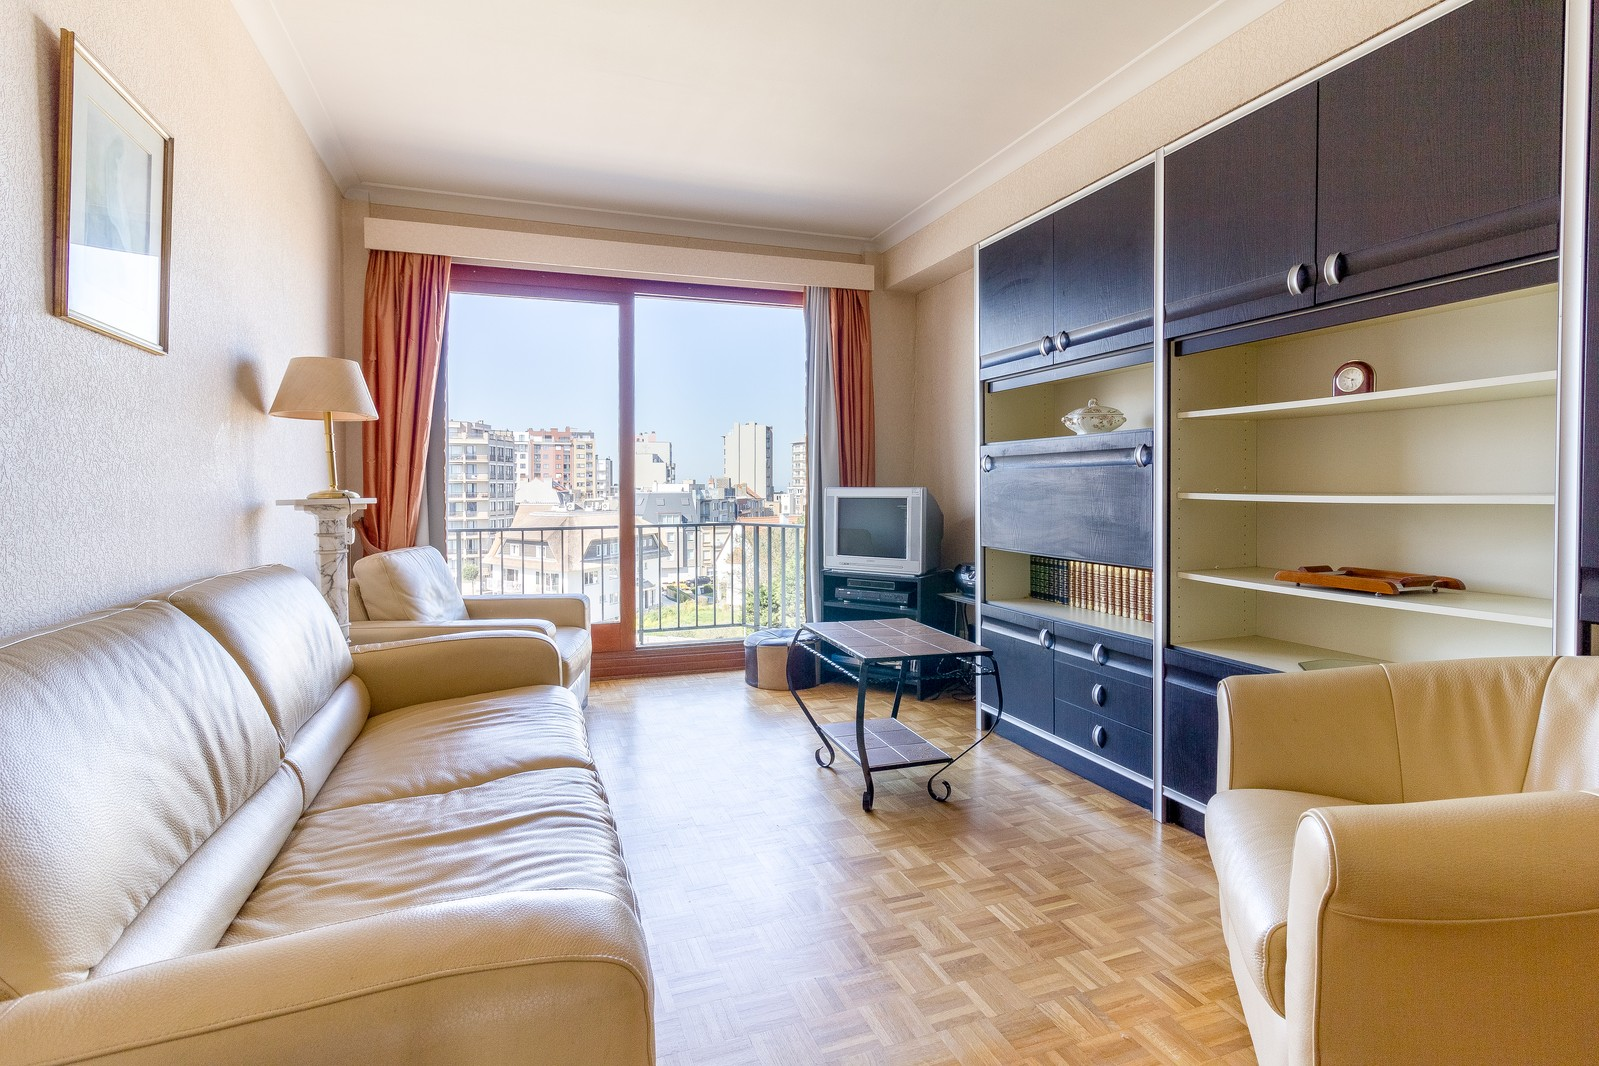 Lichtrijk appartement met aparte slaapkamer